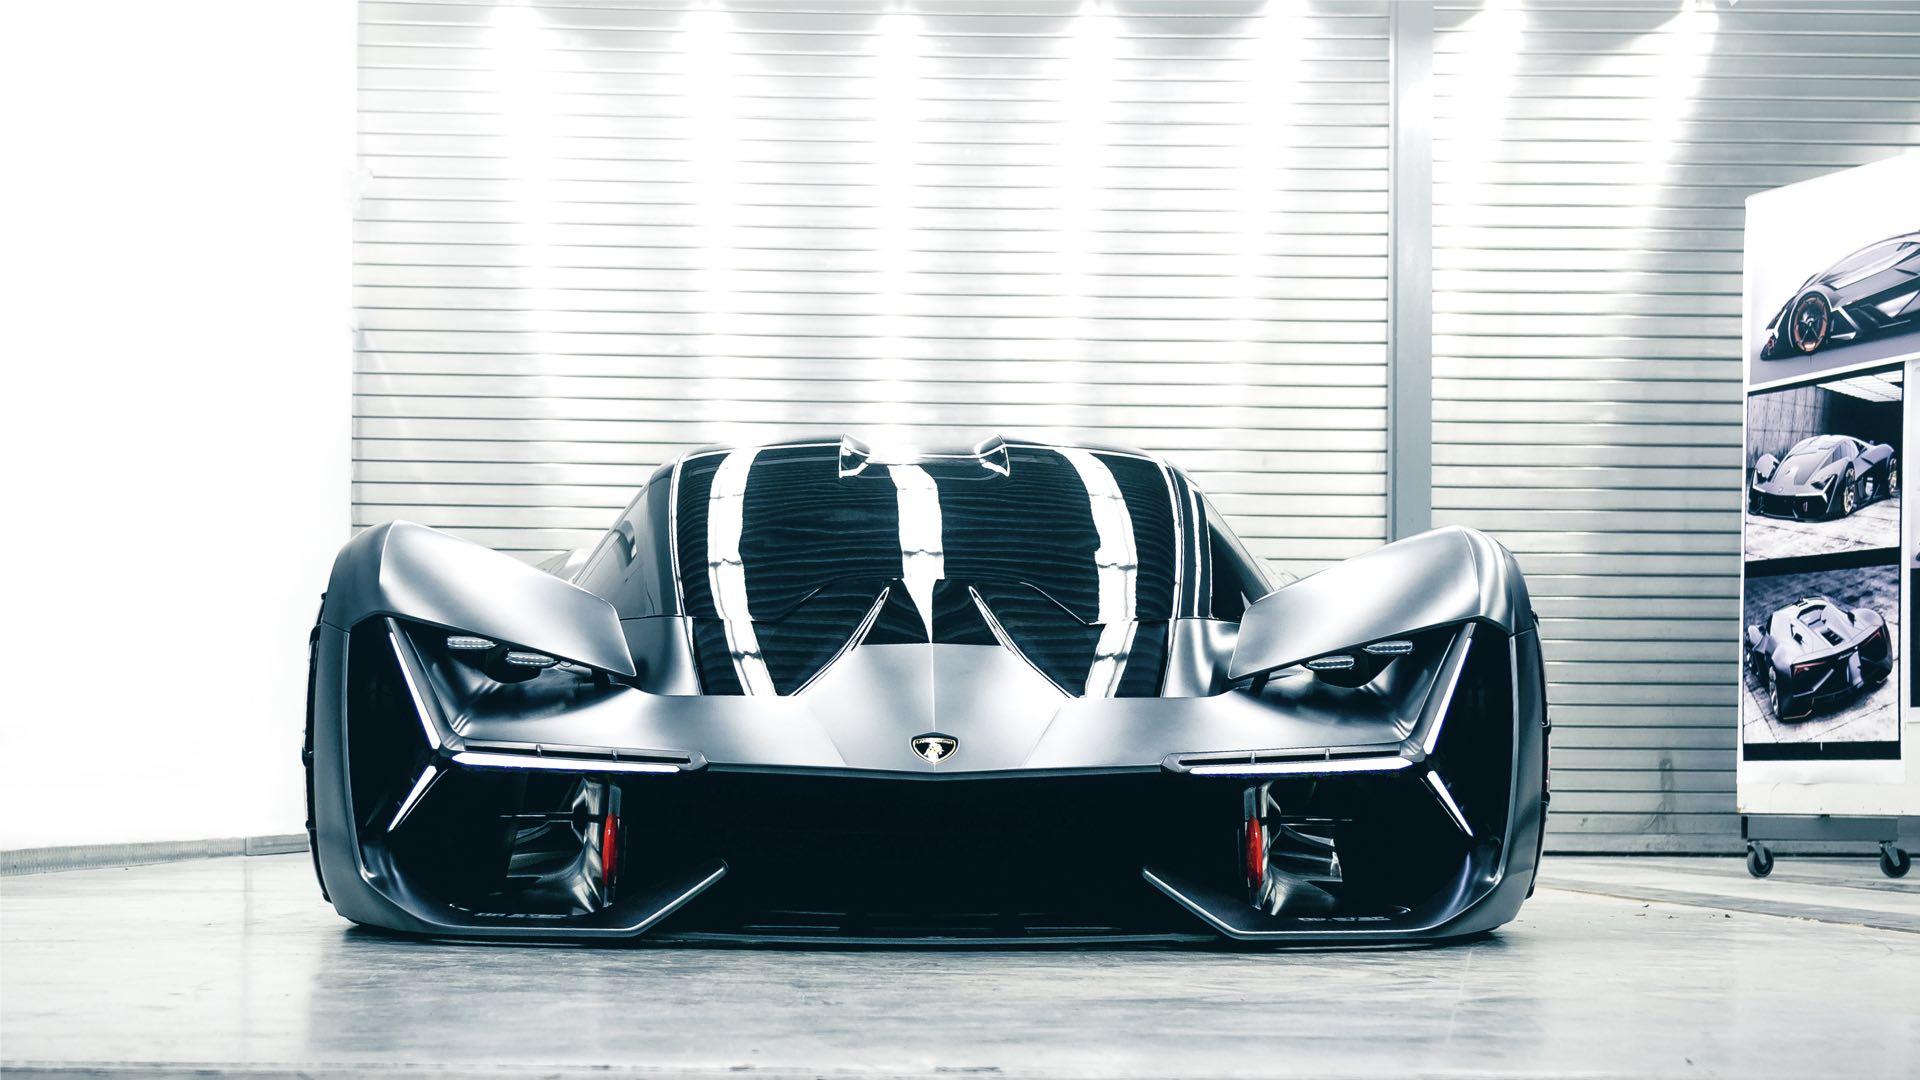 Lamborghini Terzo Millennio - 2017 - front / avant